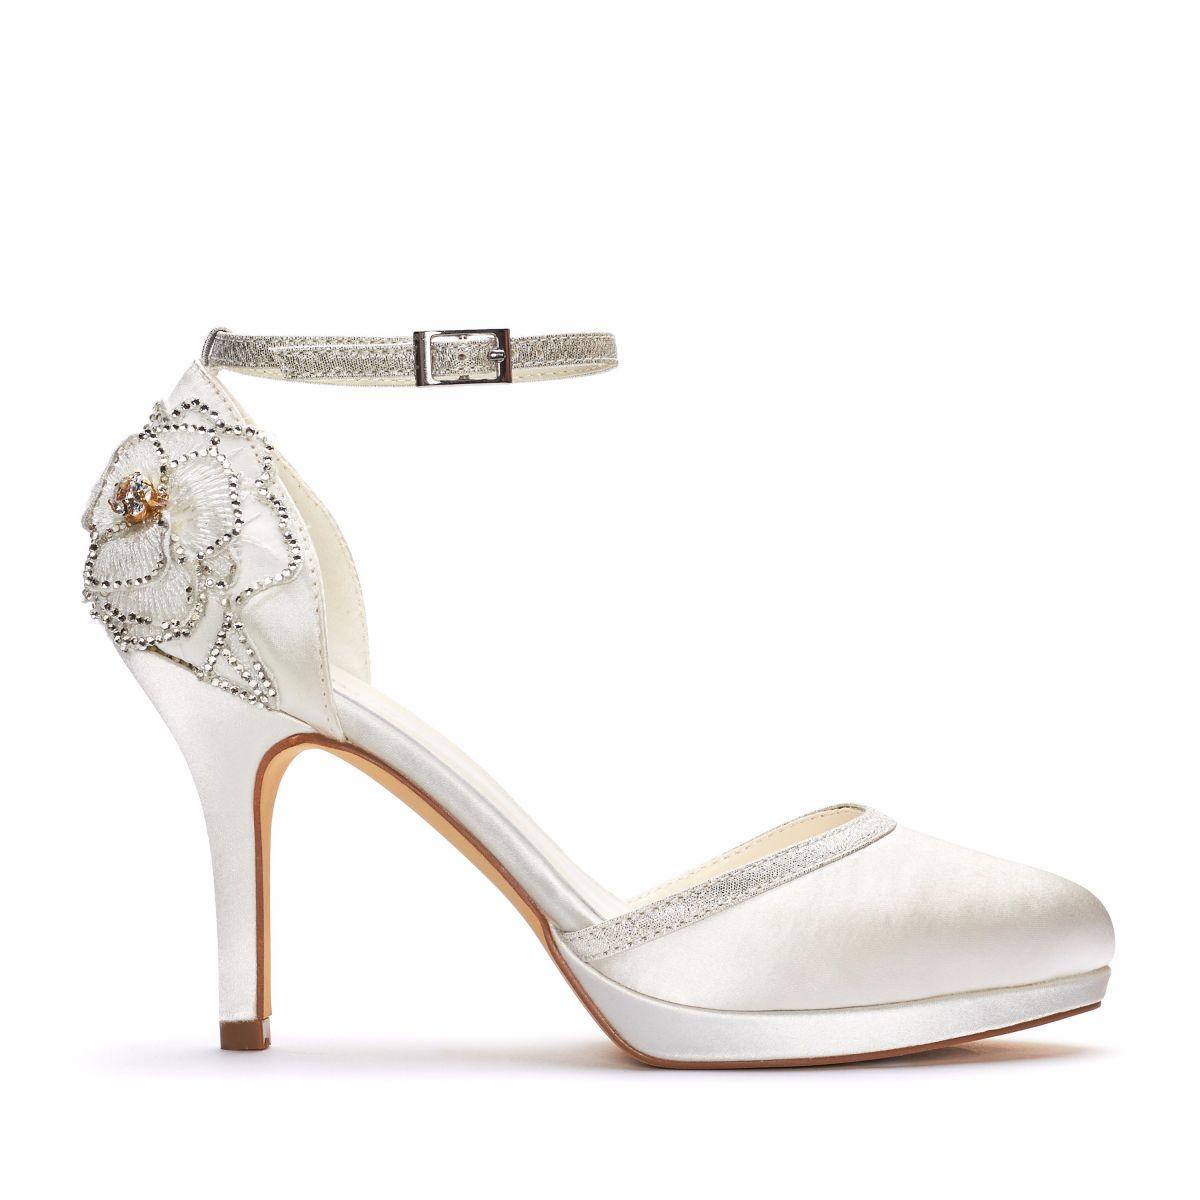 Womens Kiara Wedding Shoes Menbur NSuqB8